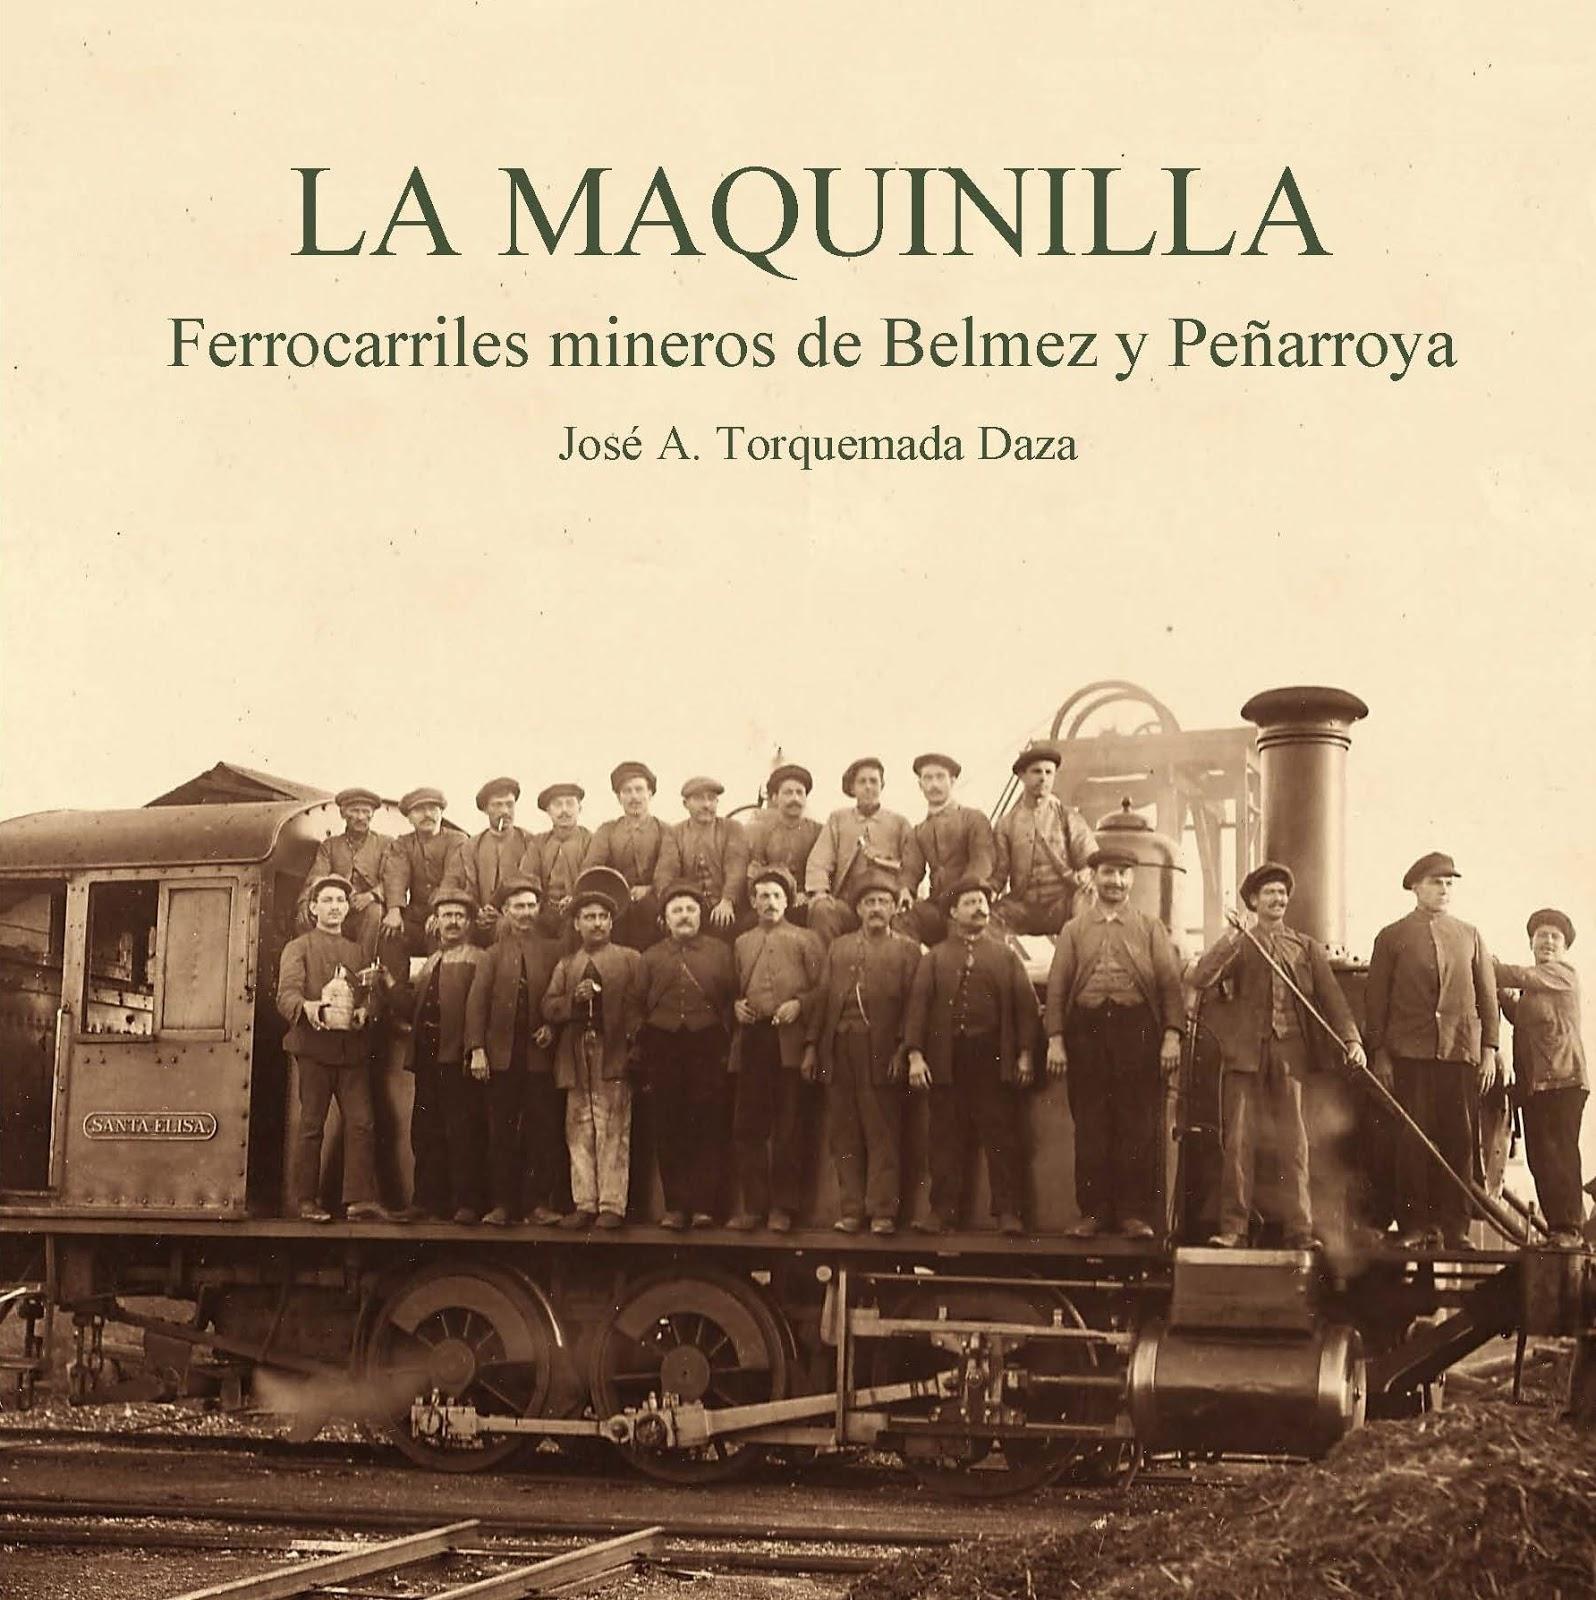 Publicaciones de La Maquinilla